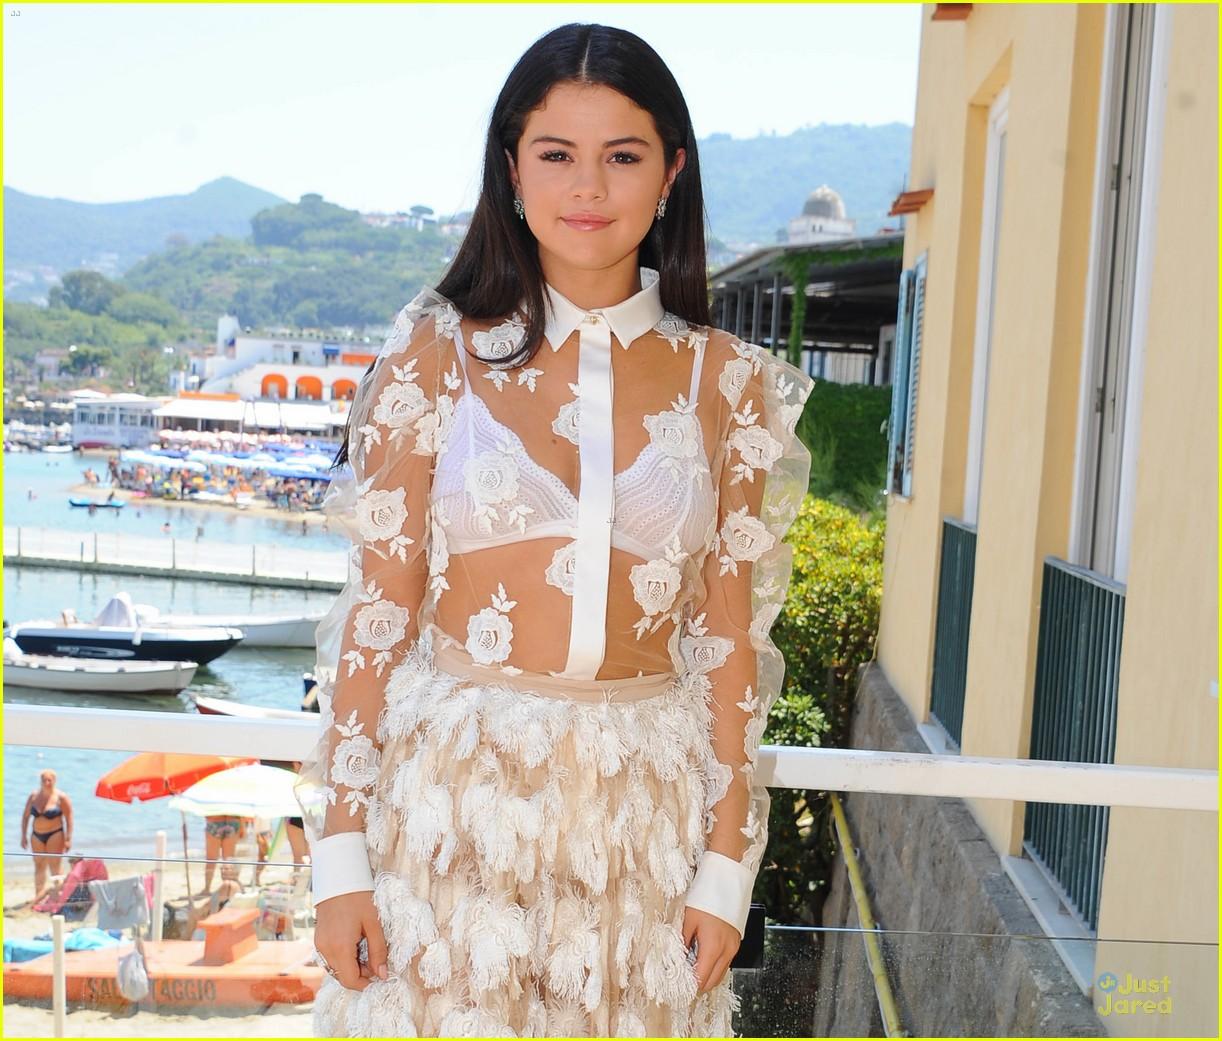 leaked bra gomez Selena